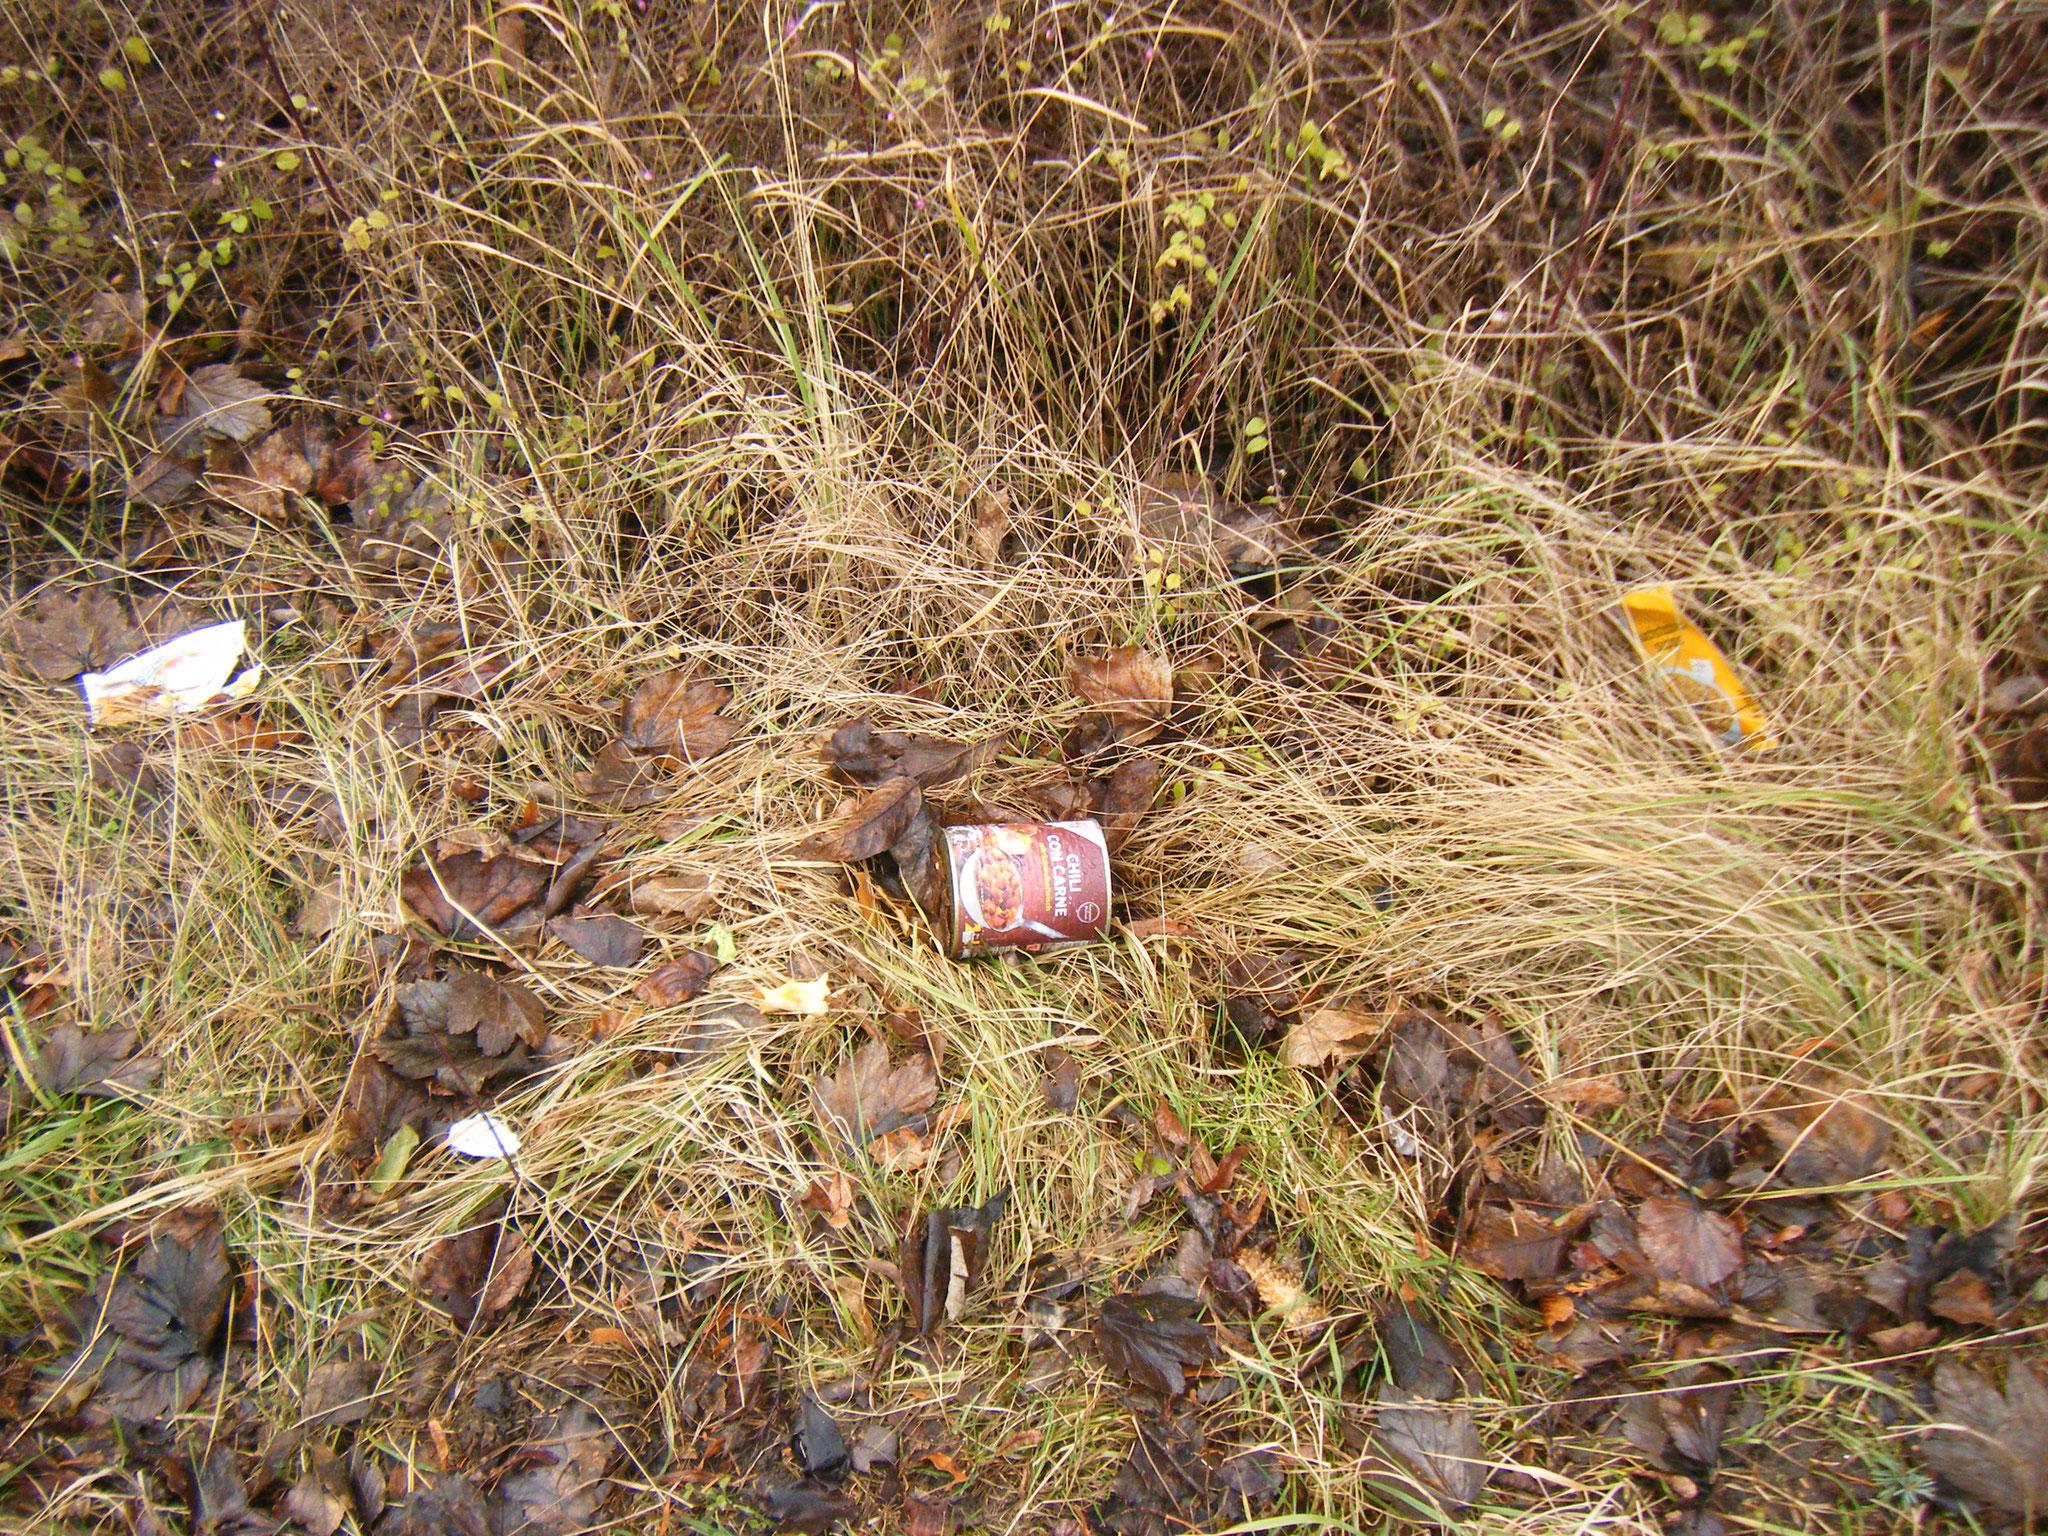 Lebensmittelverpackungen auf einer Grünfläche, wer machts weg?